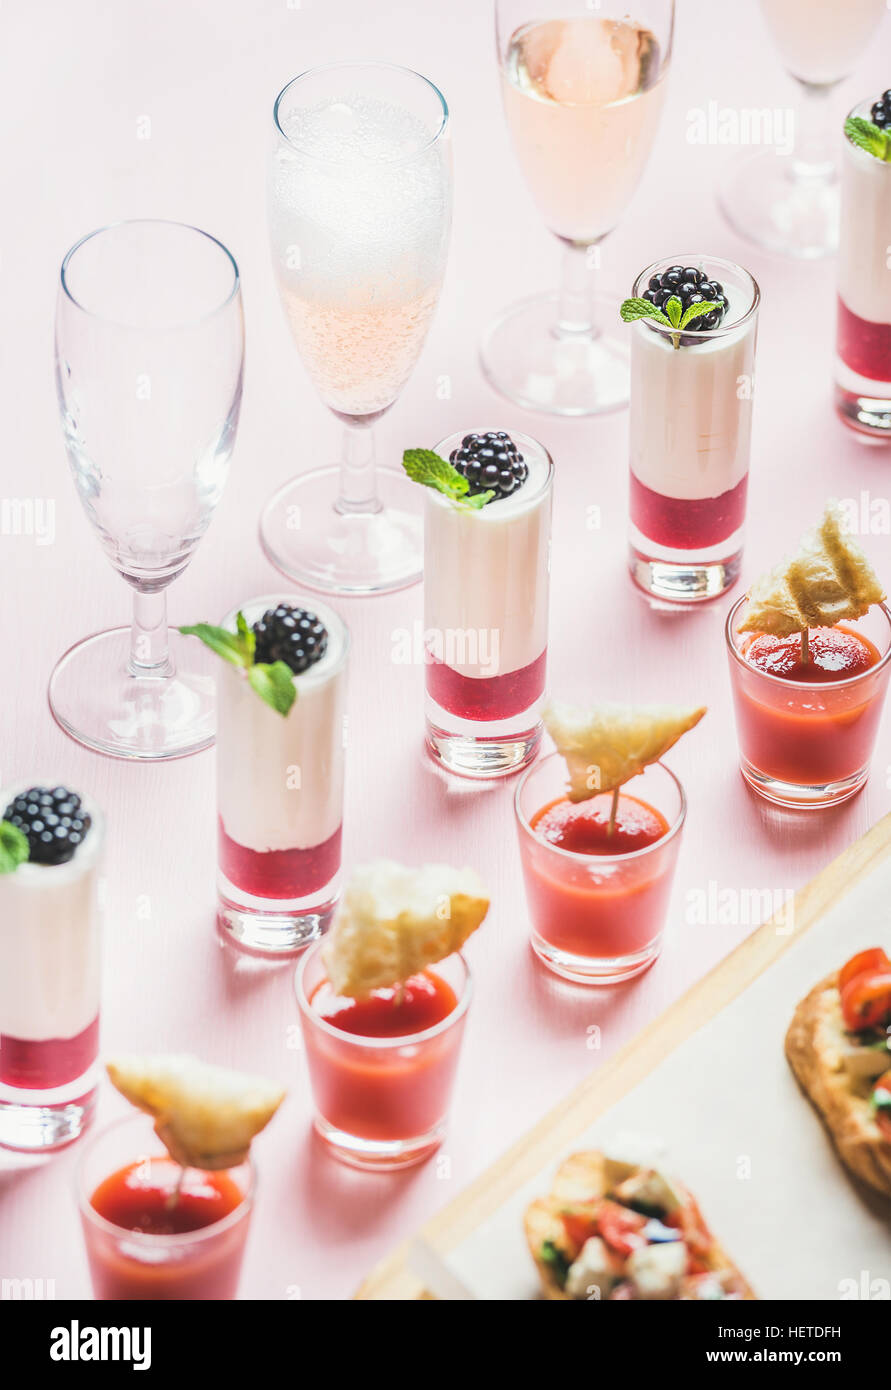 Des collations, des sandwiches, brushetta, gazpacho sur fond rose pastel desserts Photo Stock